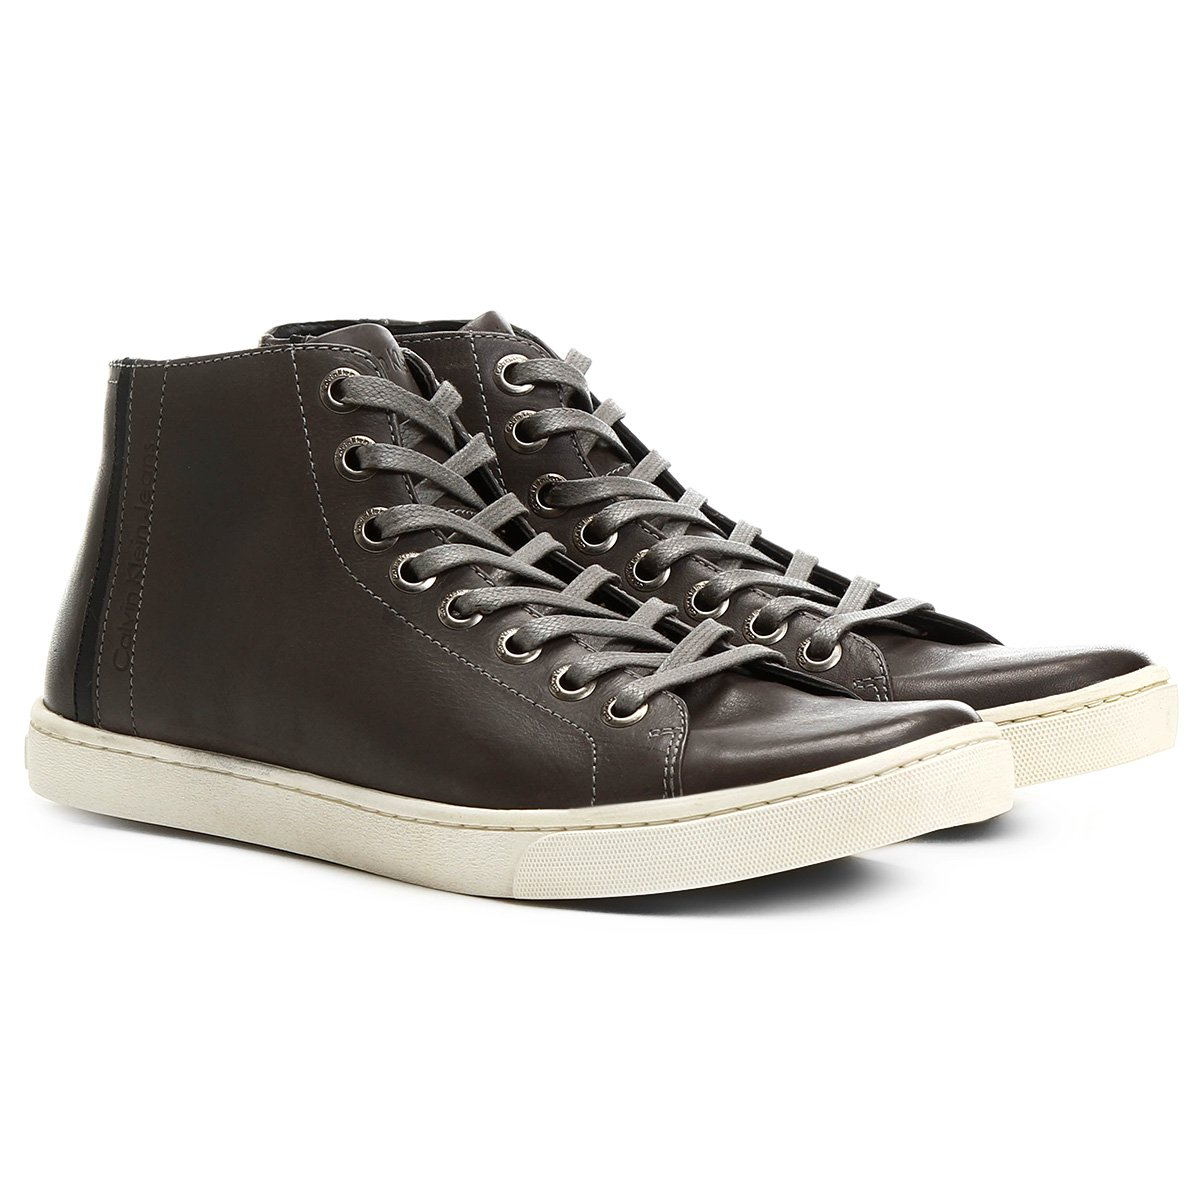 57819c54d4 Tênis Calvin Klein Cano Alto Palito